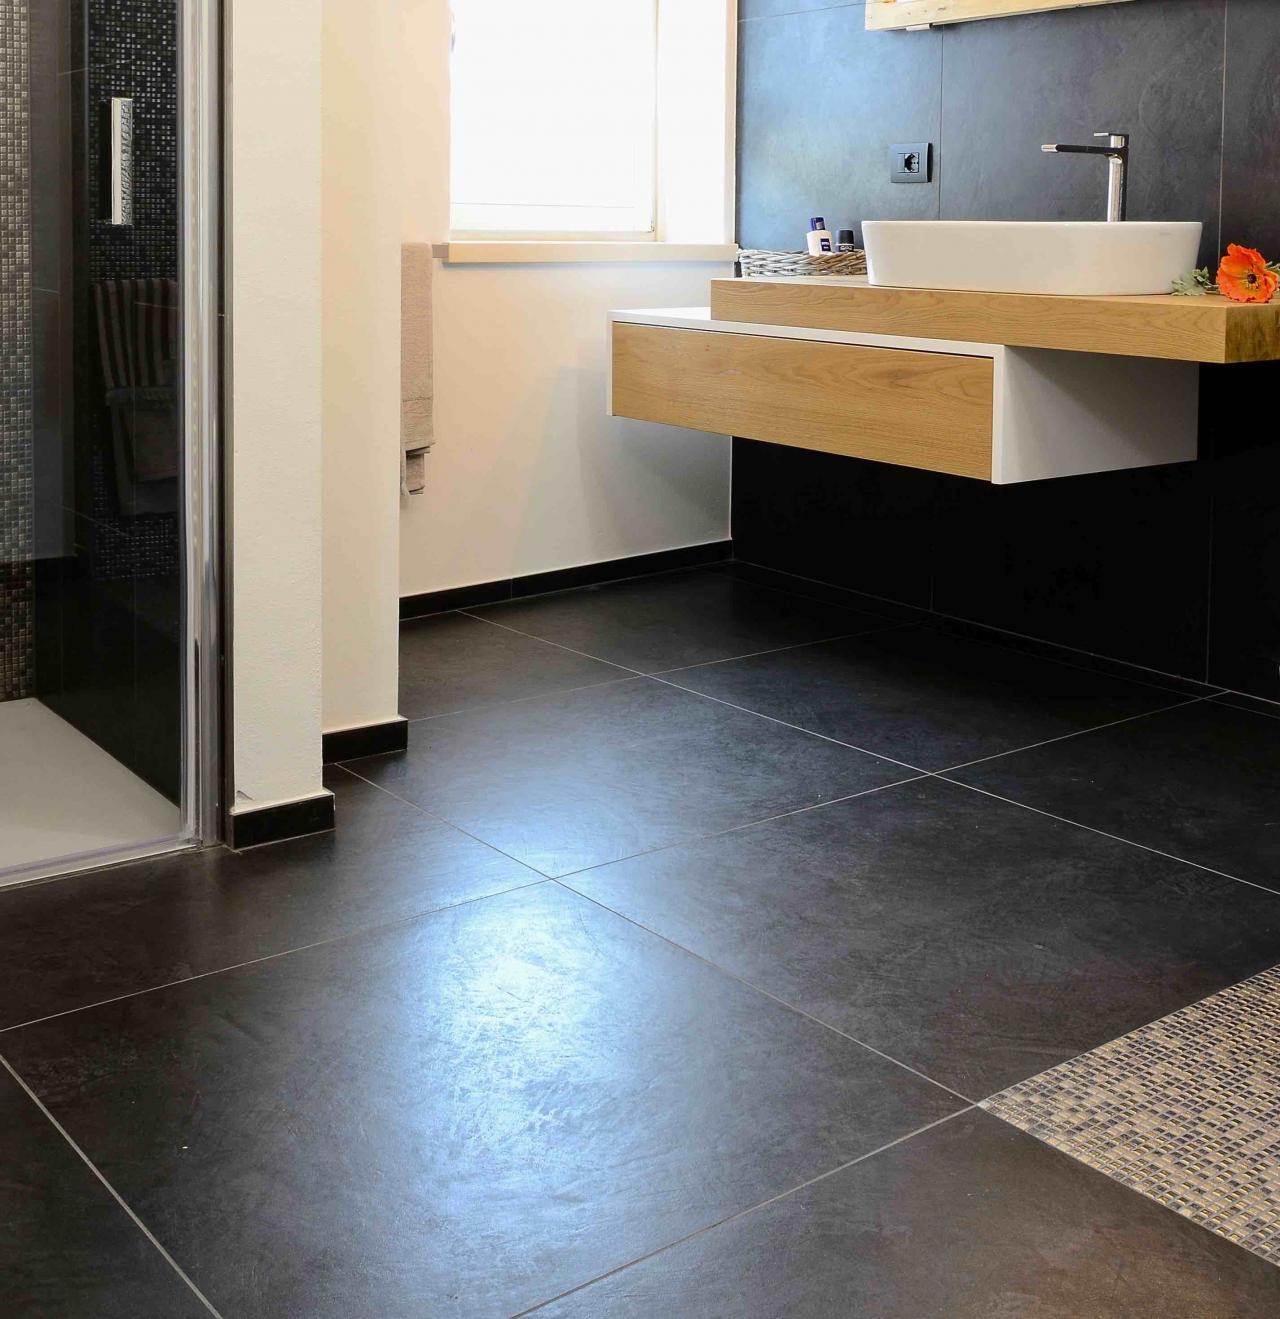 Pavimenti chiari o scuri criteri per la scelta fratelli pellizzari - Le piastrelle del pavimento di un locale ...